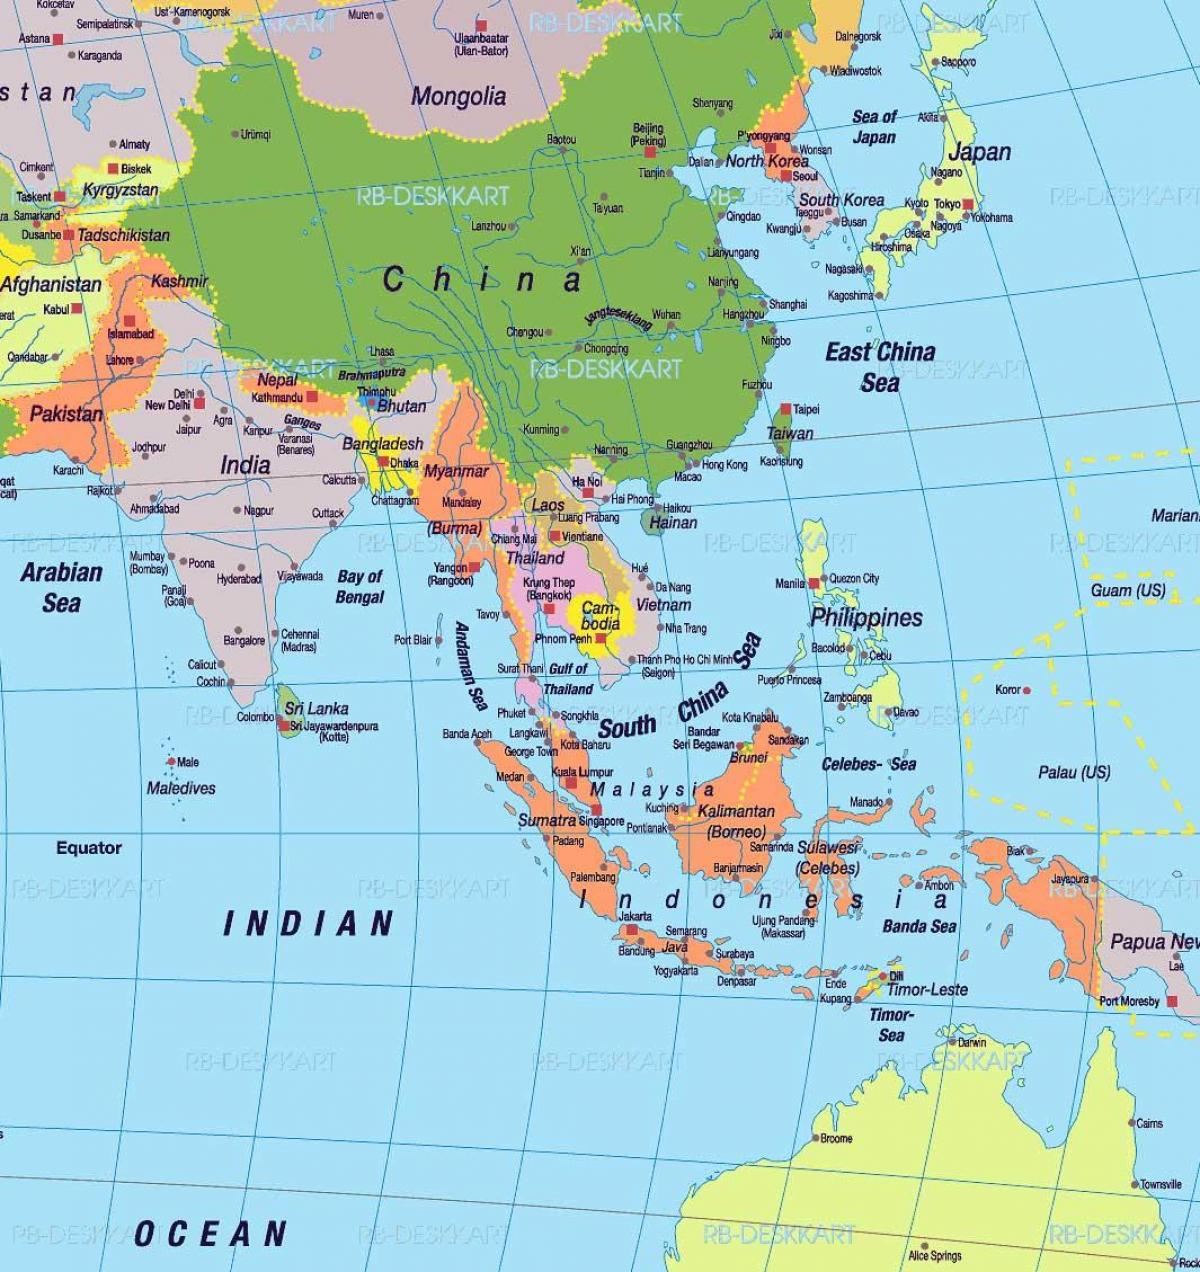 kart sør asia Kart over sør Kina   Sør Kina kart (Øst Asia   Asia) kart sør asia